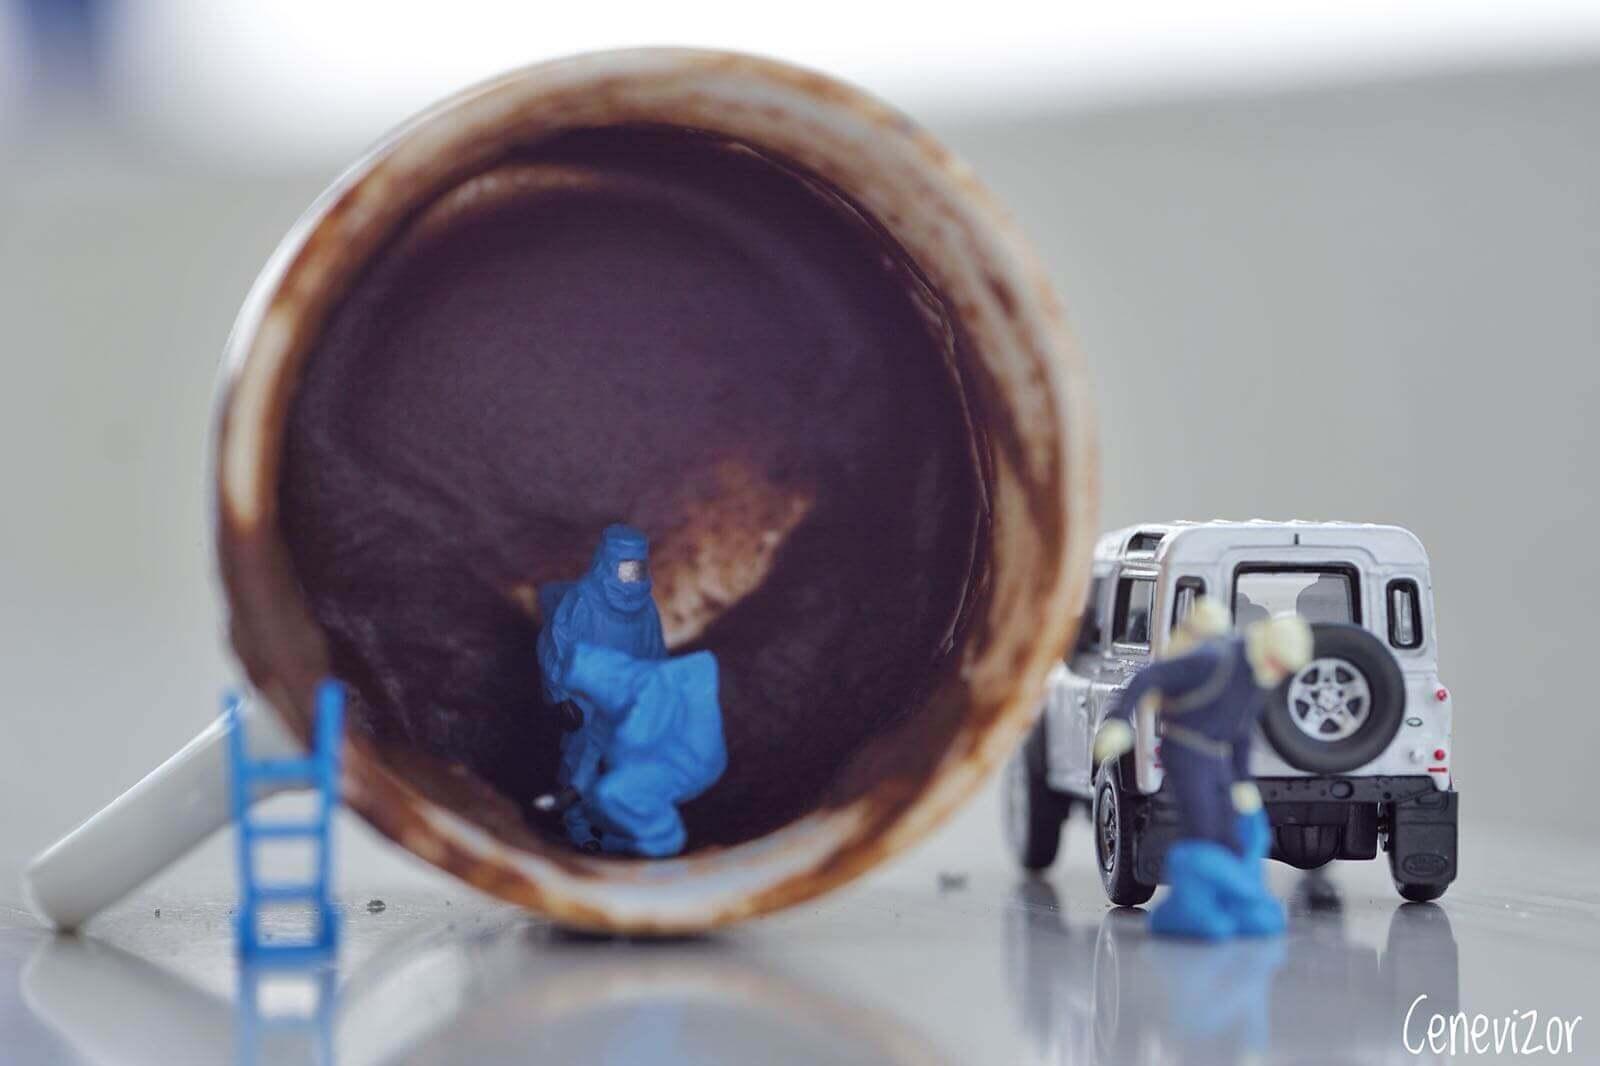 pazarlama iletişimi oyuncak fotoğrafı